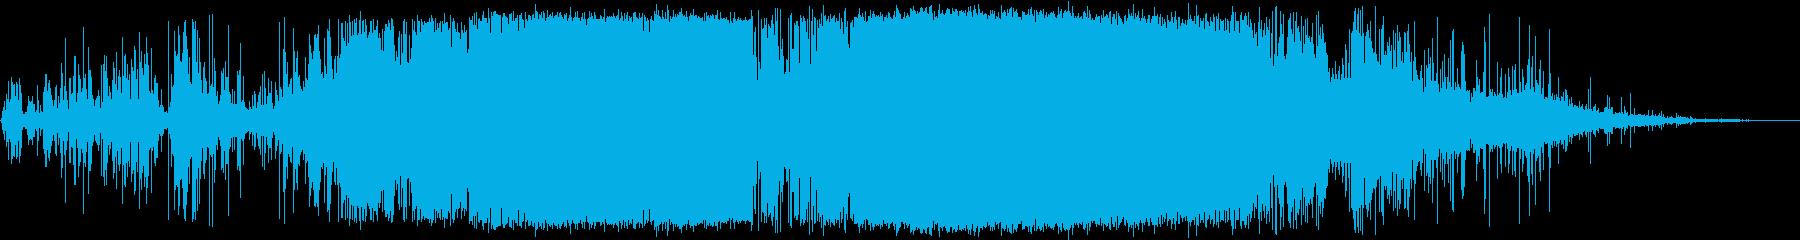 高電圧放電、アーキングのシズルおよ...の再生済みの波形